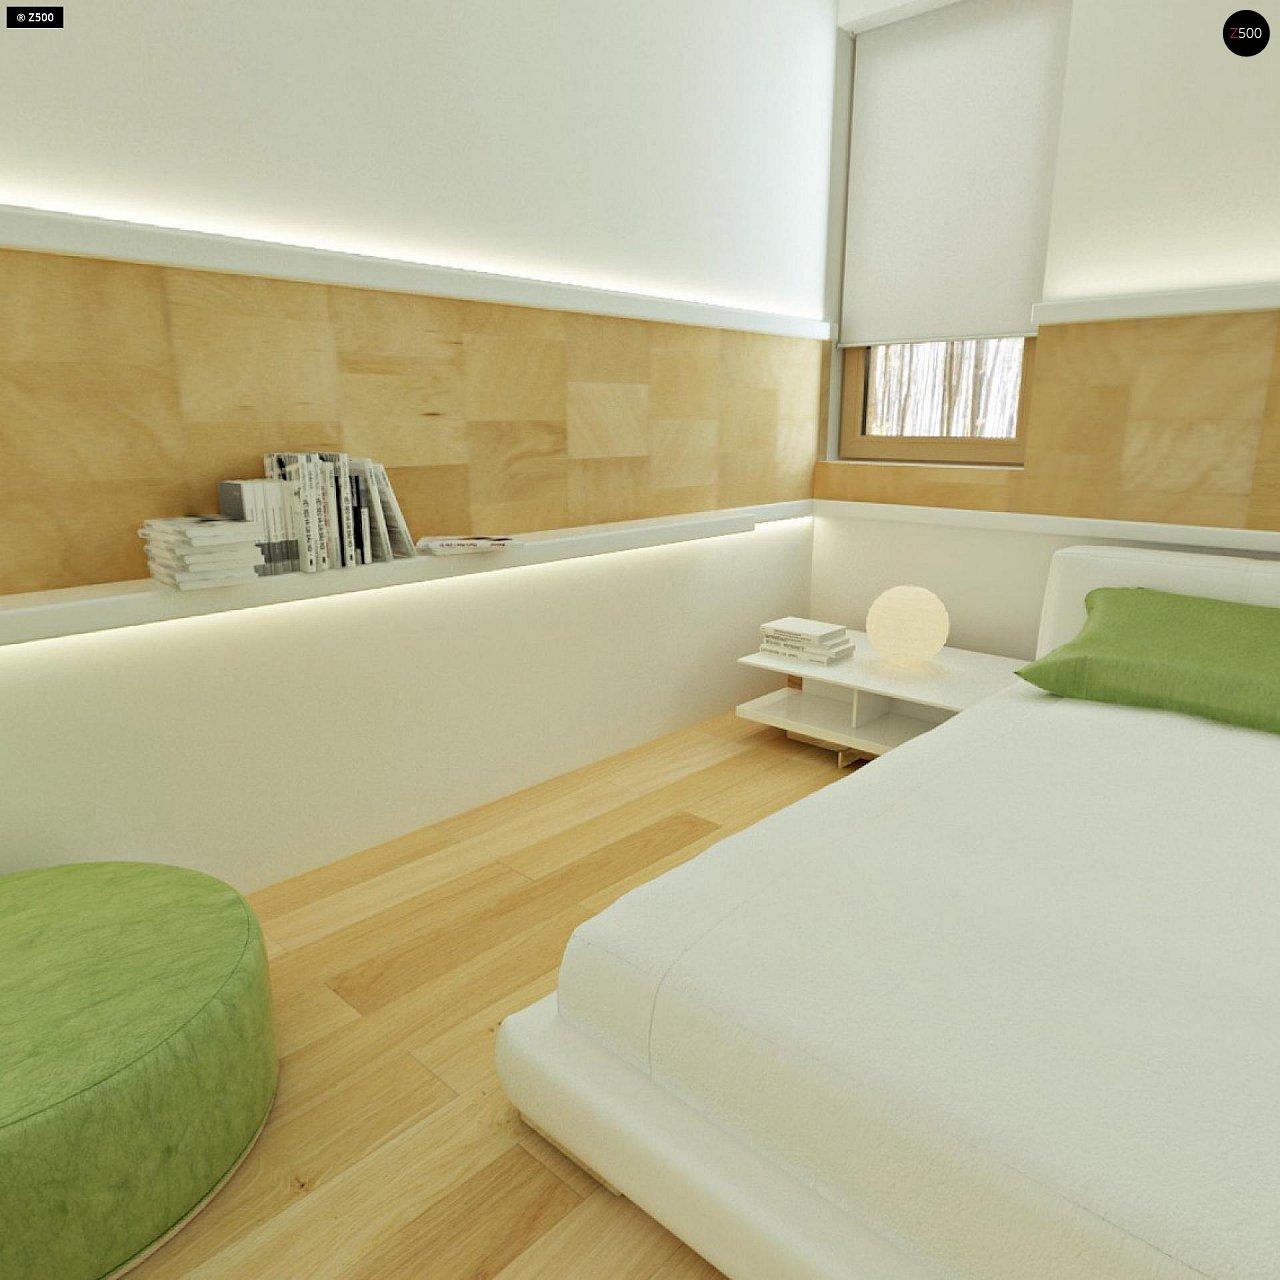 Двухэтажный дом, сочетающий традиционные формы и современный дизайн, с тремя спальнями и гаражом. 16